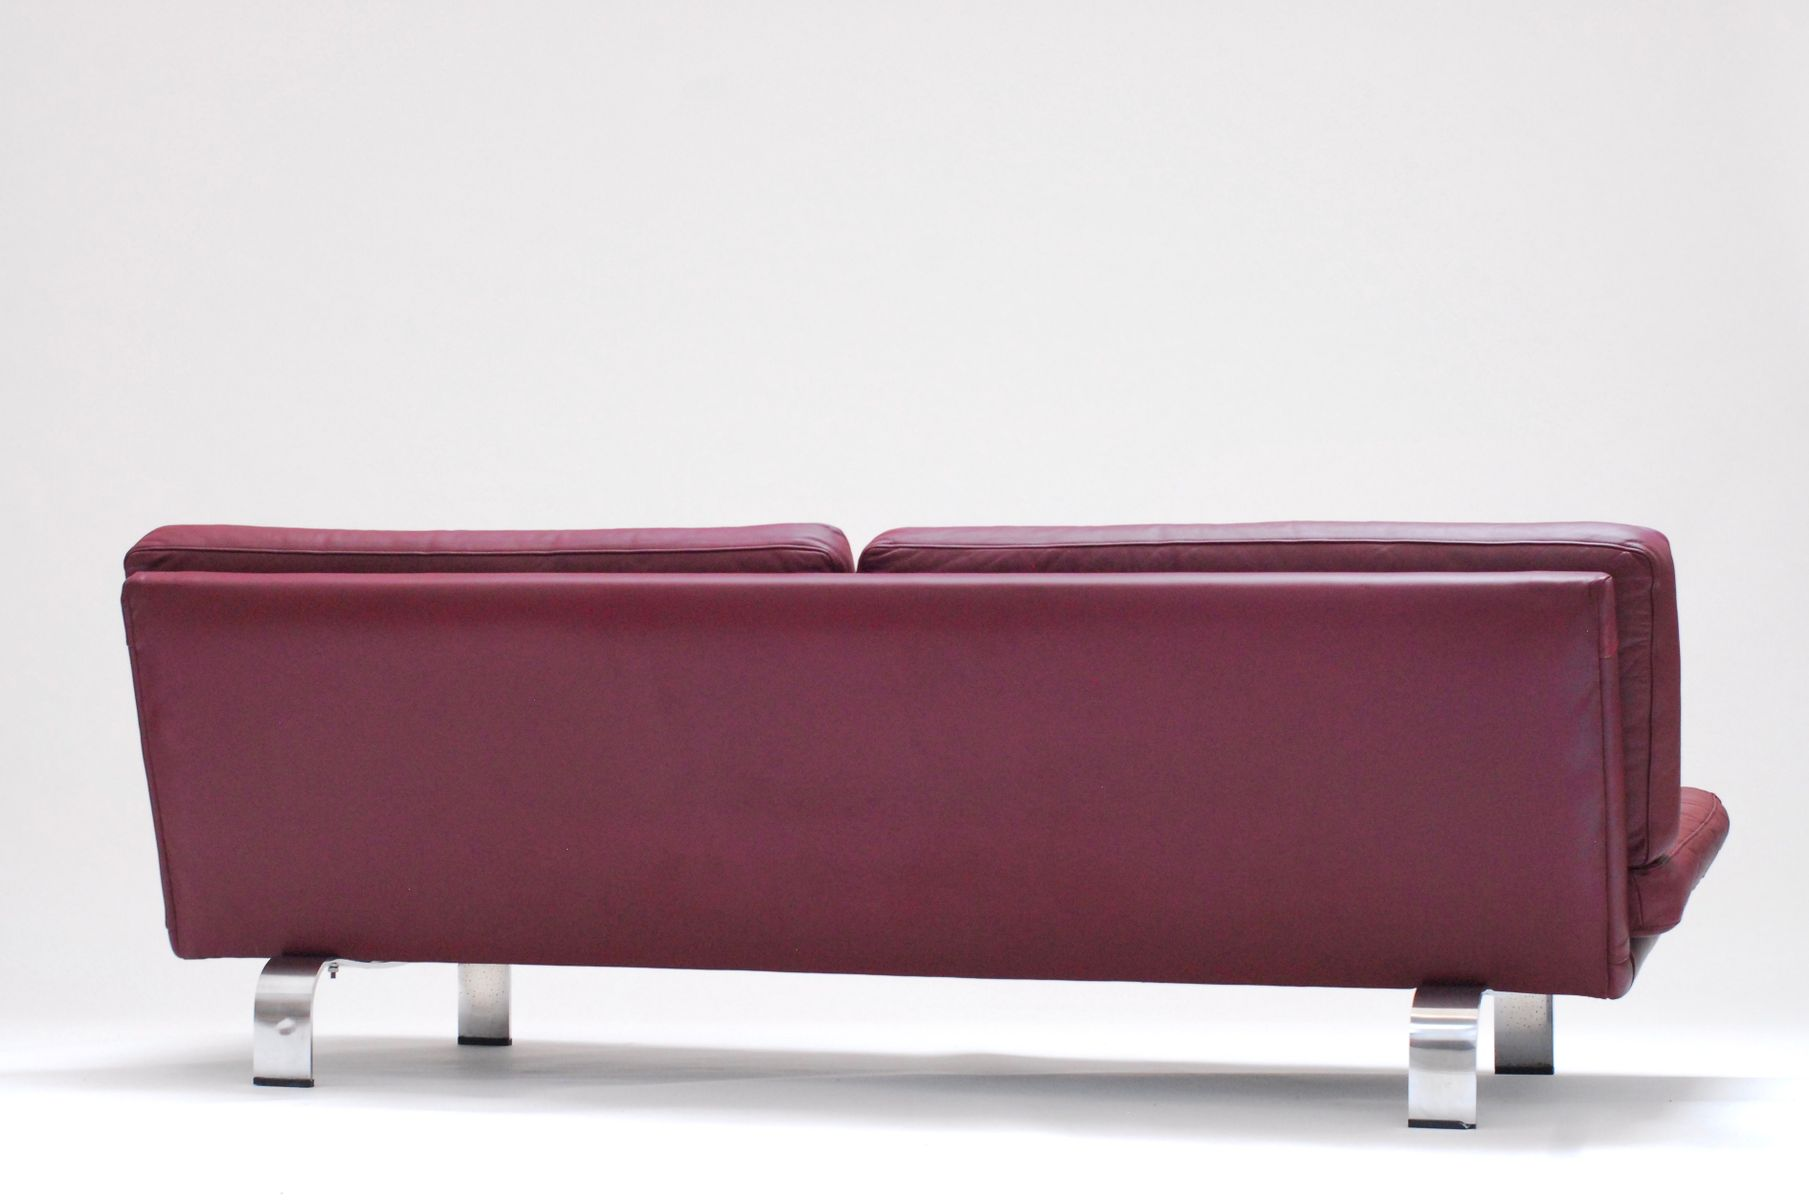 Ledersofa italienisches design  Beste Ideen, Design, Foto & Beispiele von Ledersofa Italienisches ...